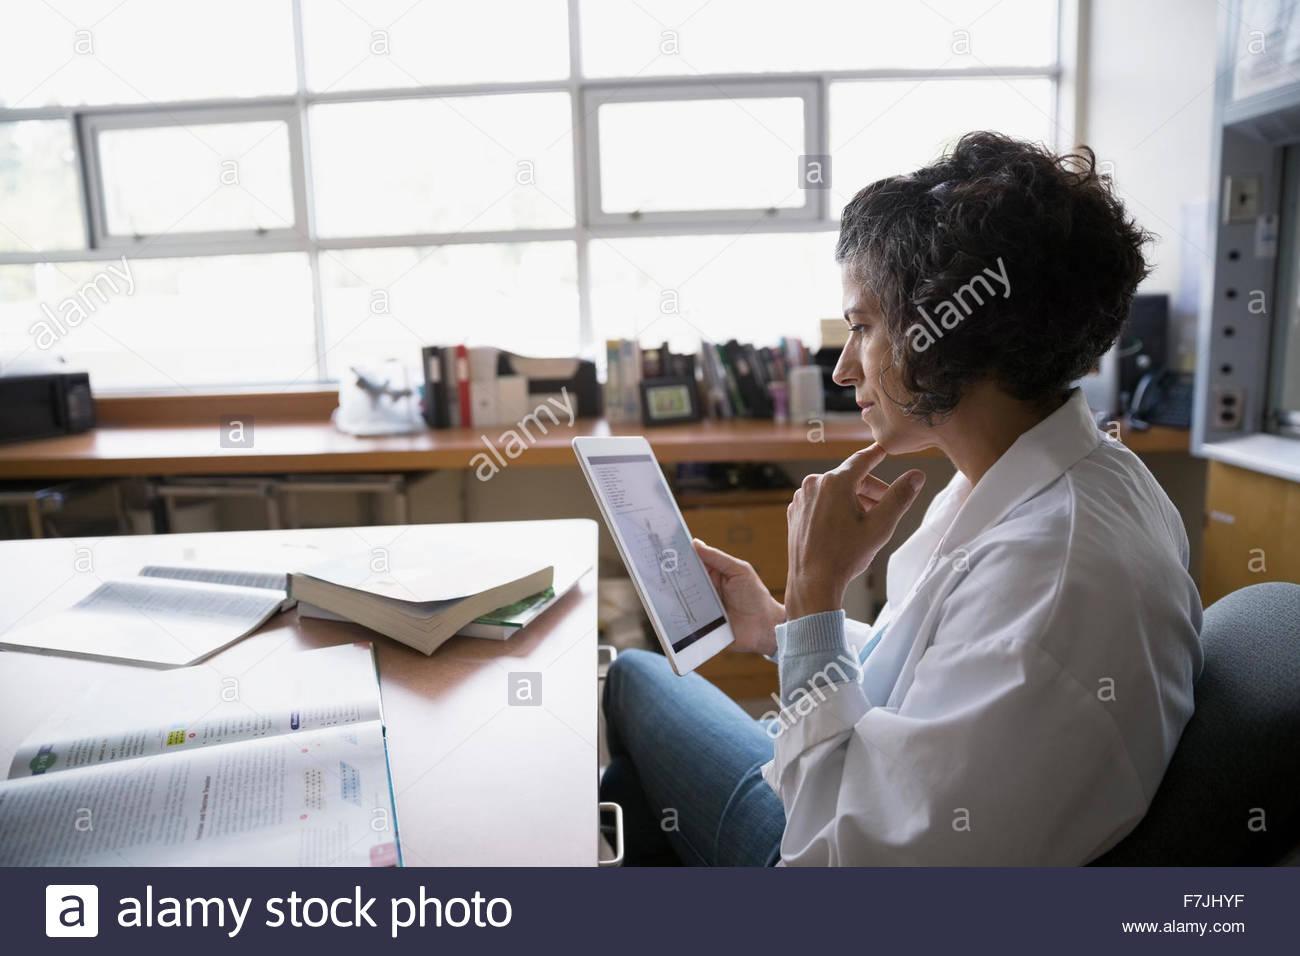 Profesor utilizando tablet digital centrada en el escritorio Imagen De Stock